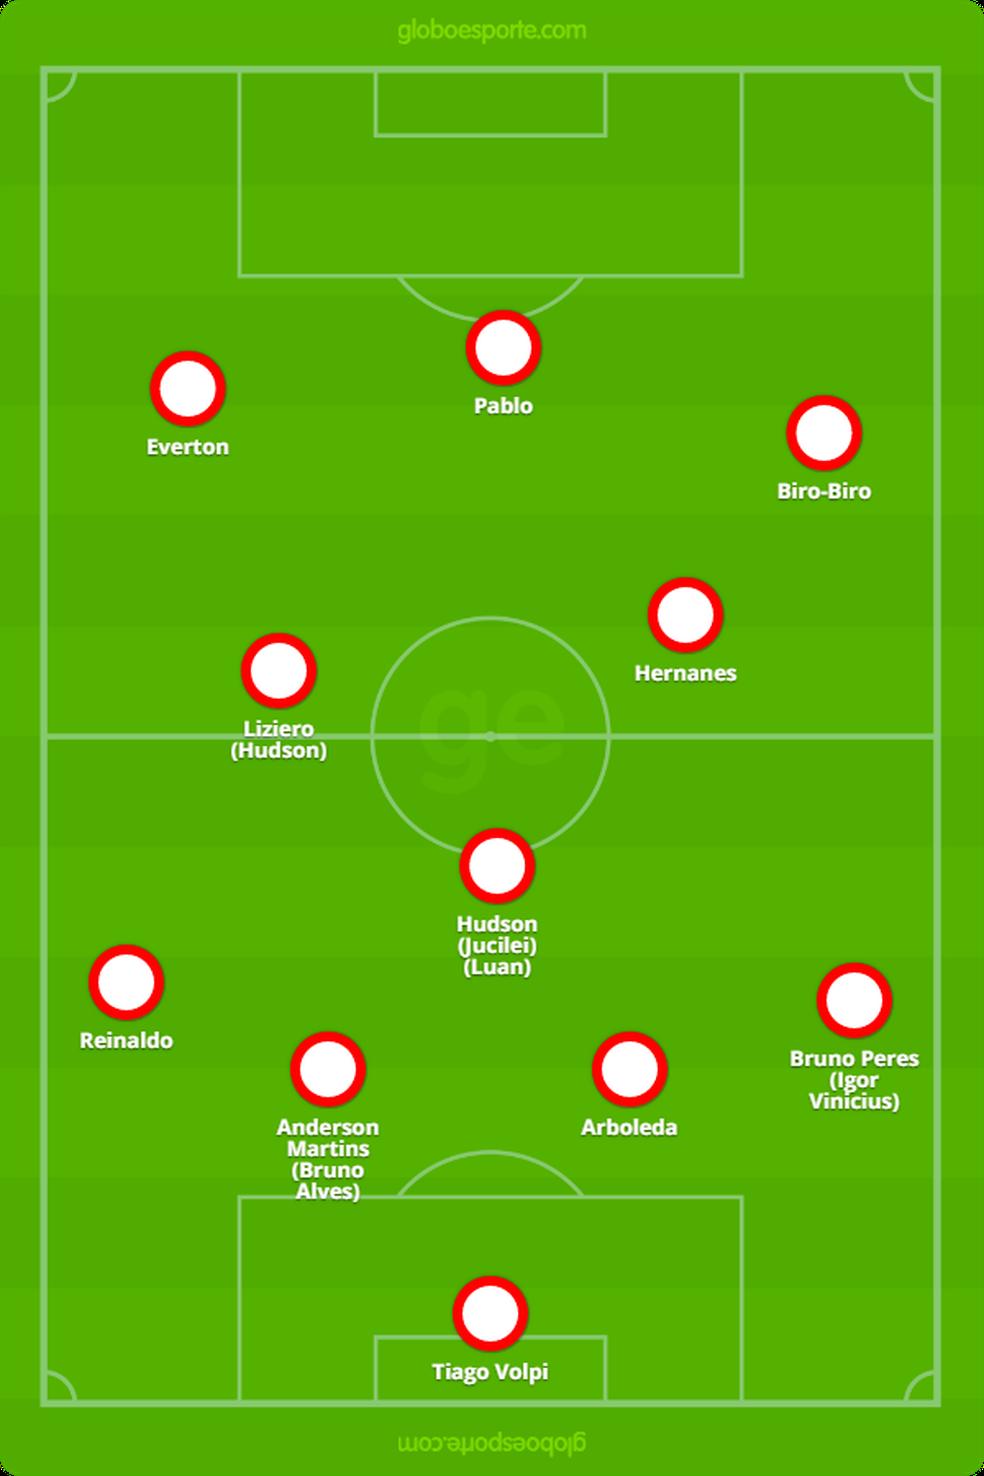 Como poderia ficar o São Paulo com Biro-Biro e Everton nas pontas — Foto: GloboEsporte.com